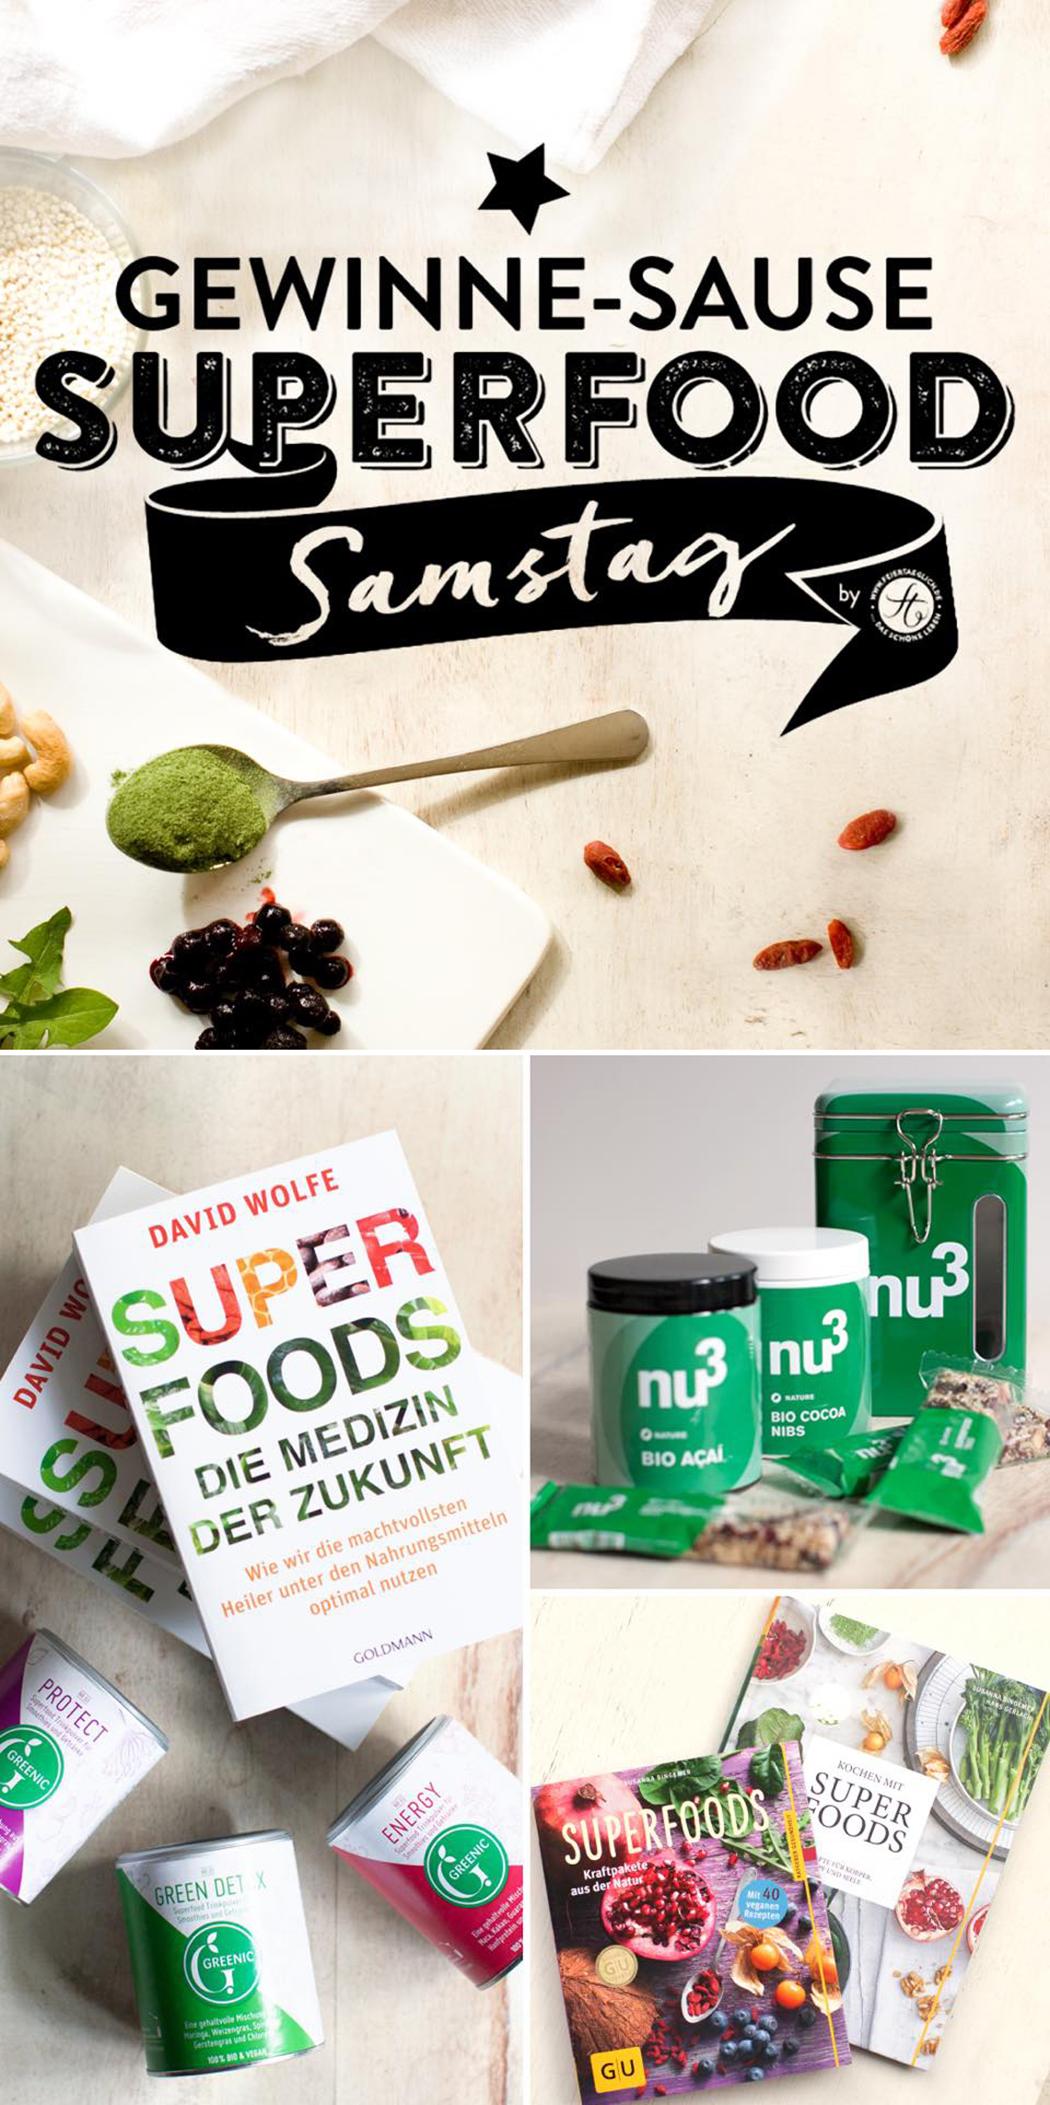 #SupefoodSamstag Gewinne Sause